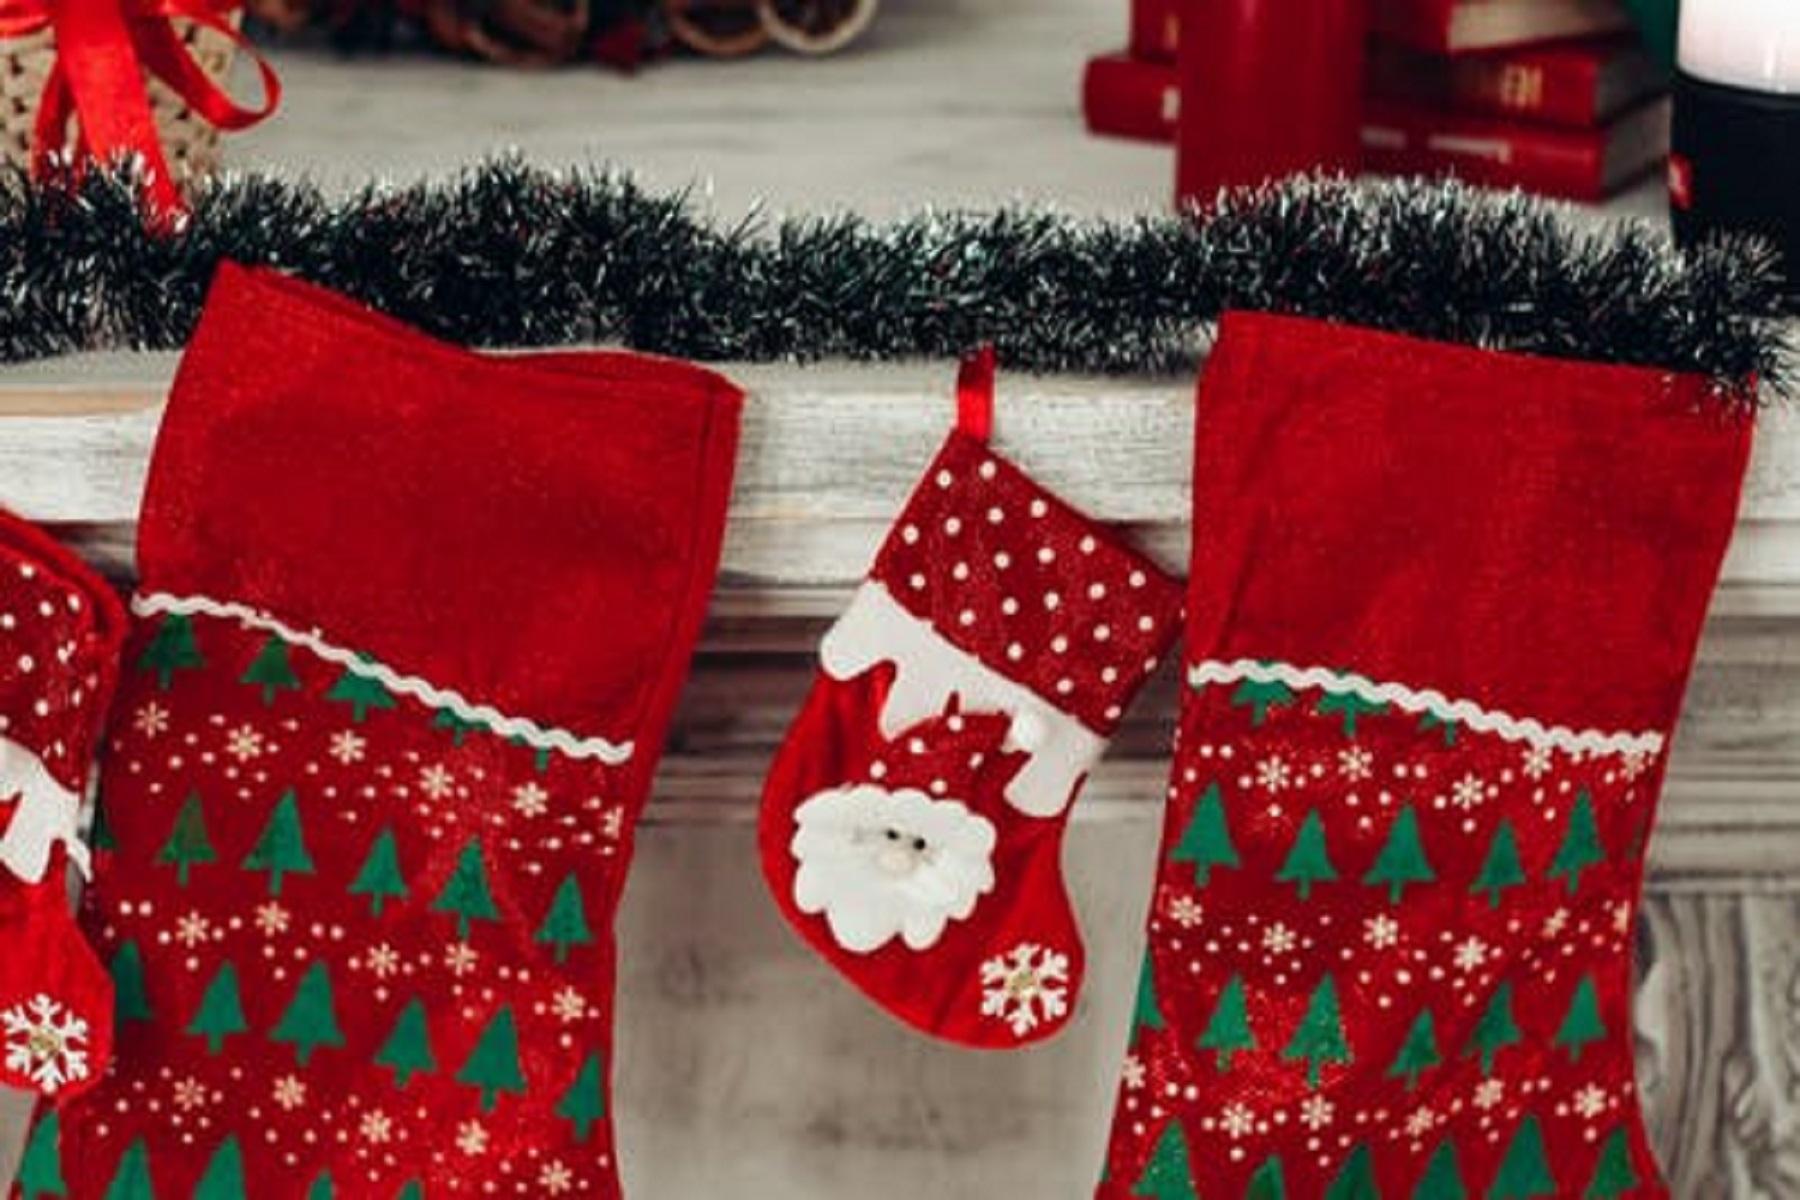 Χριστούγεννα Σπίτι: Ιδέες στολισμού χωρίς απαραίτητα να υπάρχει δέντρο